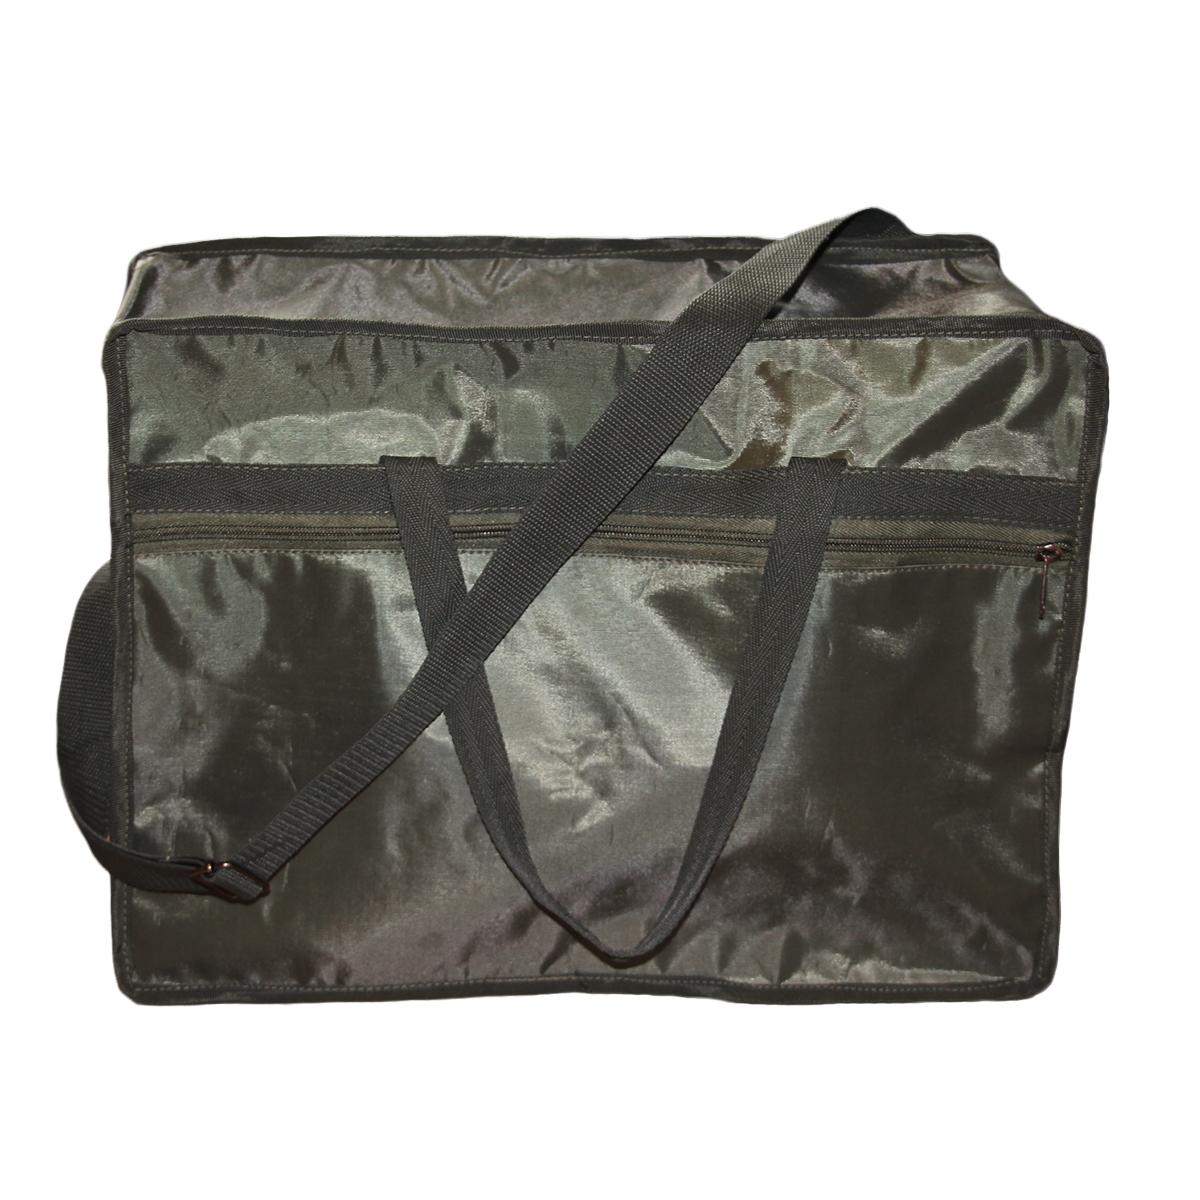 Сумка универсальная для мангалов, 40х30х18 см, цвет: темно-зеленыйС-УСумка хорошо подходит для переноски мангалов, для походов на пикник. Непромокаемая ткань, удобные ручки, карман на молнии. Размер: 40х30х18 см.